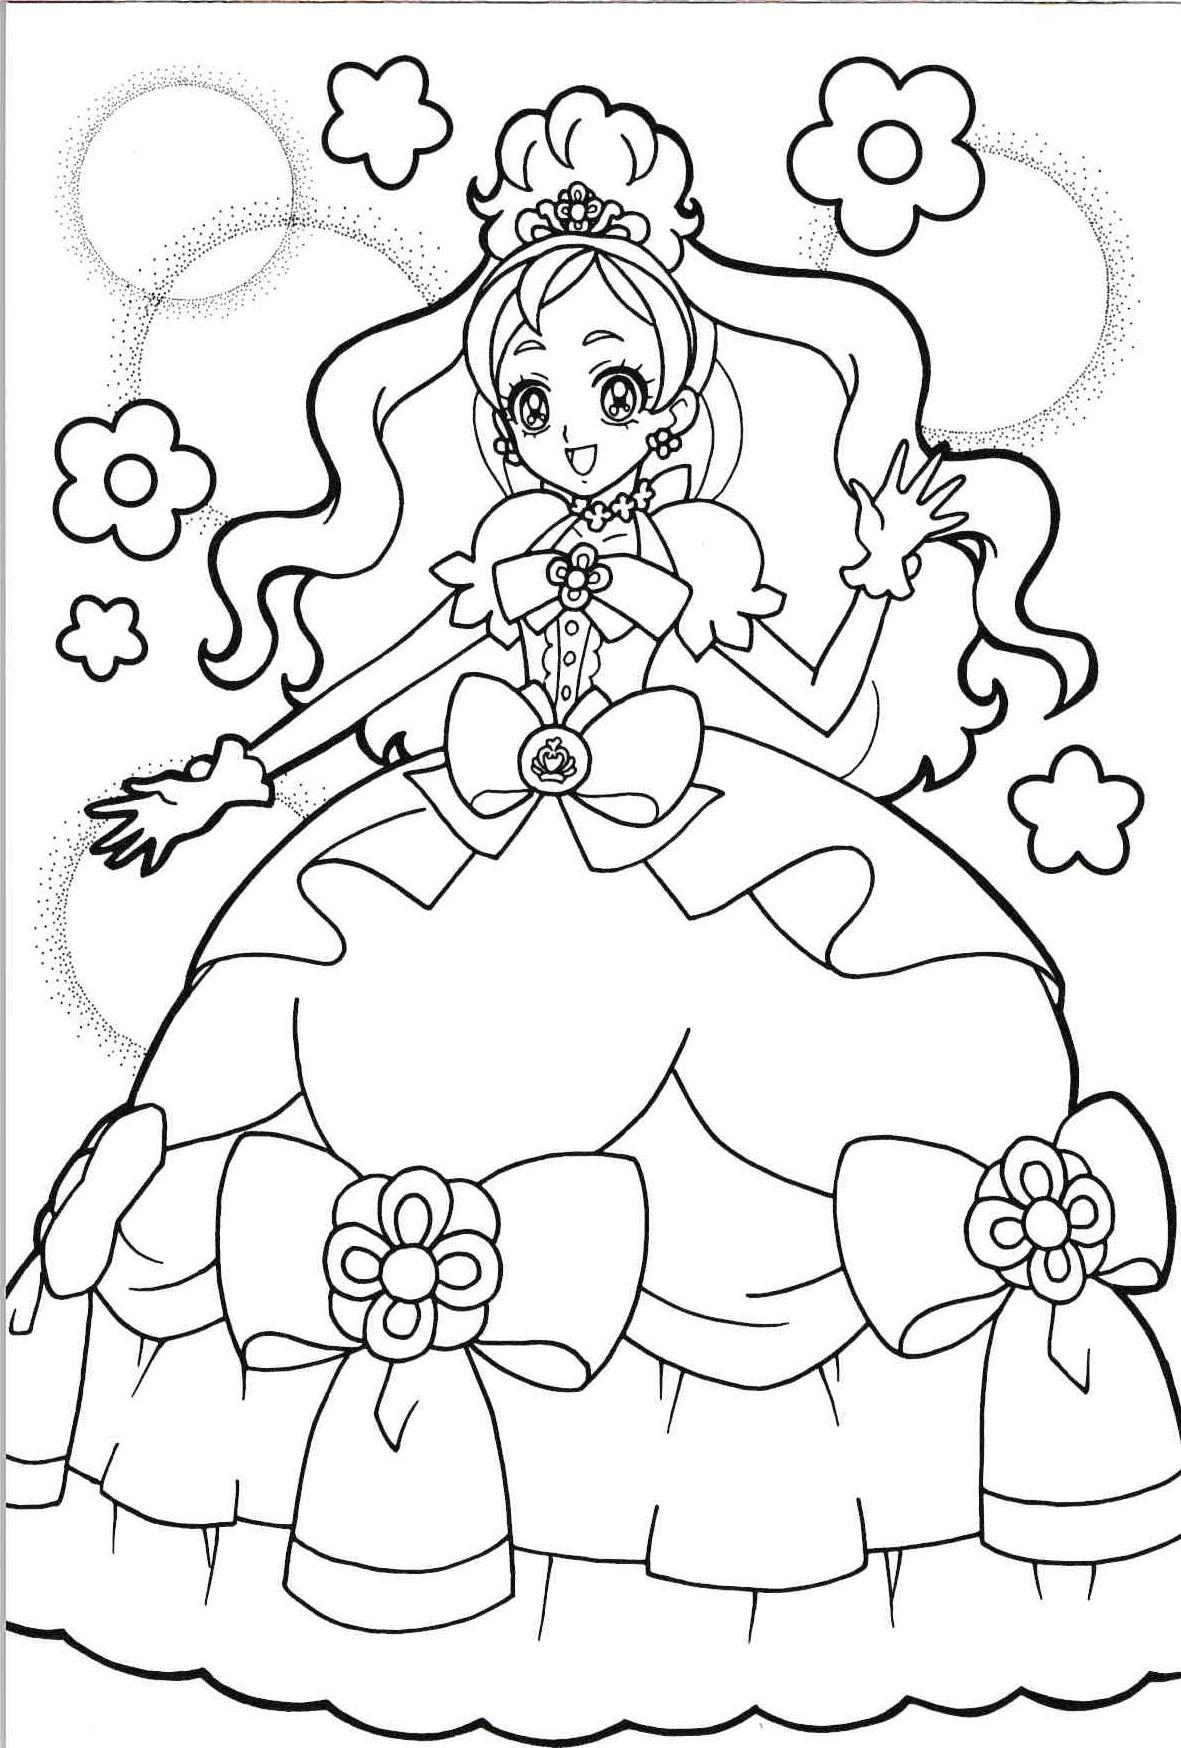 Tranh tô màu công chúa anime xinh đẹp